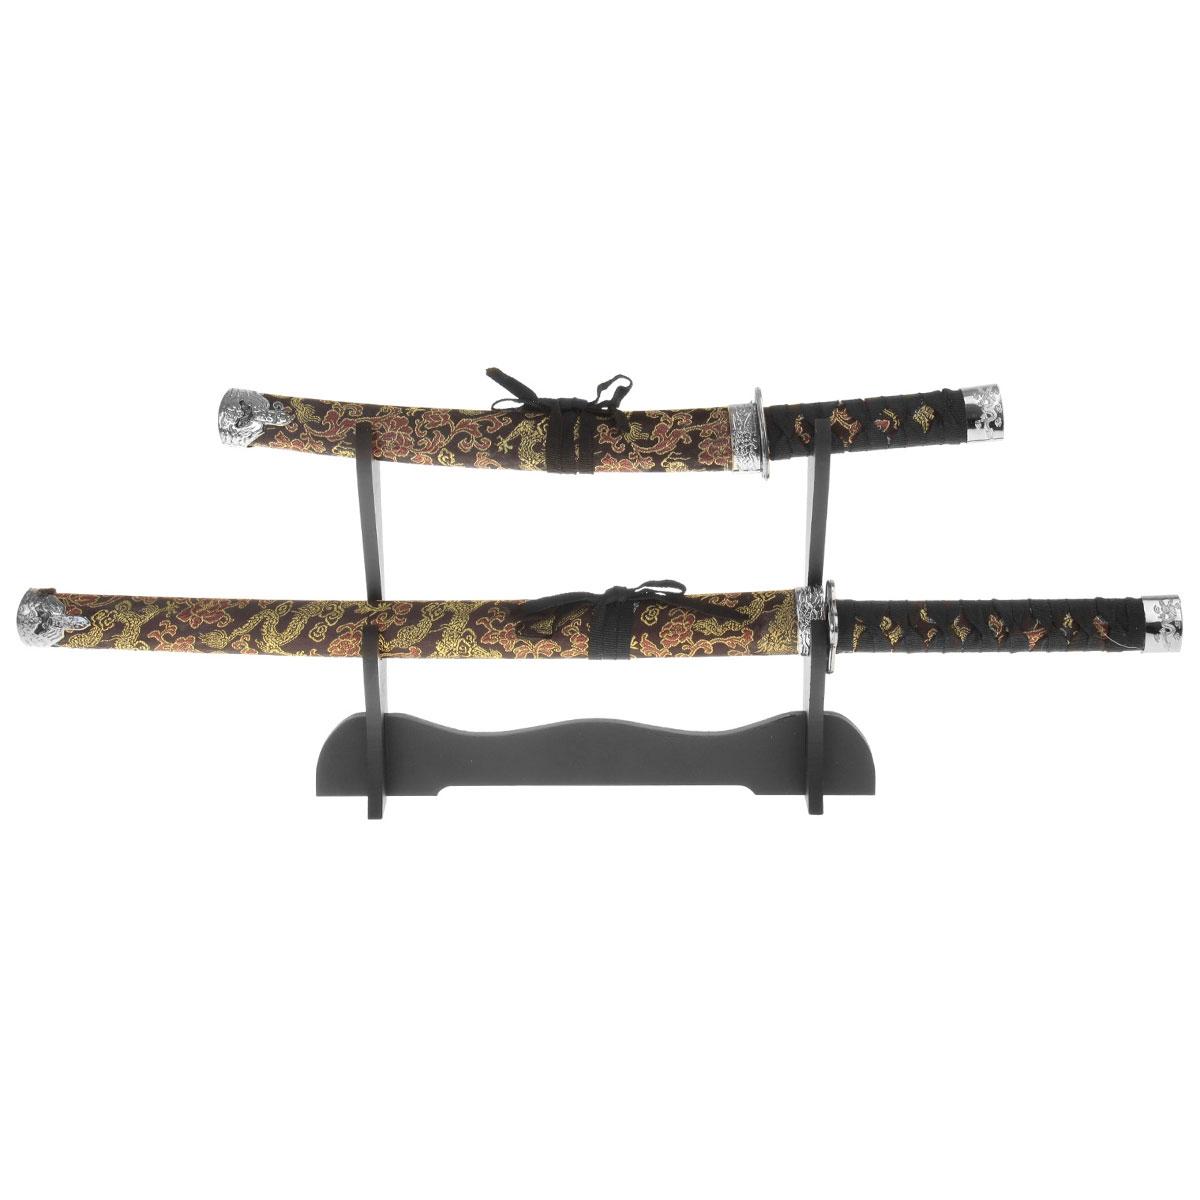 Сувенирное оружие Sima-land Катана, на подставке, цвет: черный, 2 шт. 272084 свеча ароматизированная sima land лимон на подставке высота 6 см